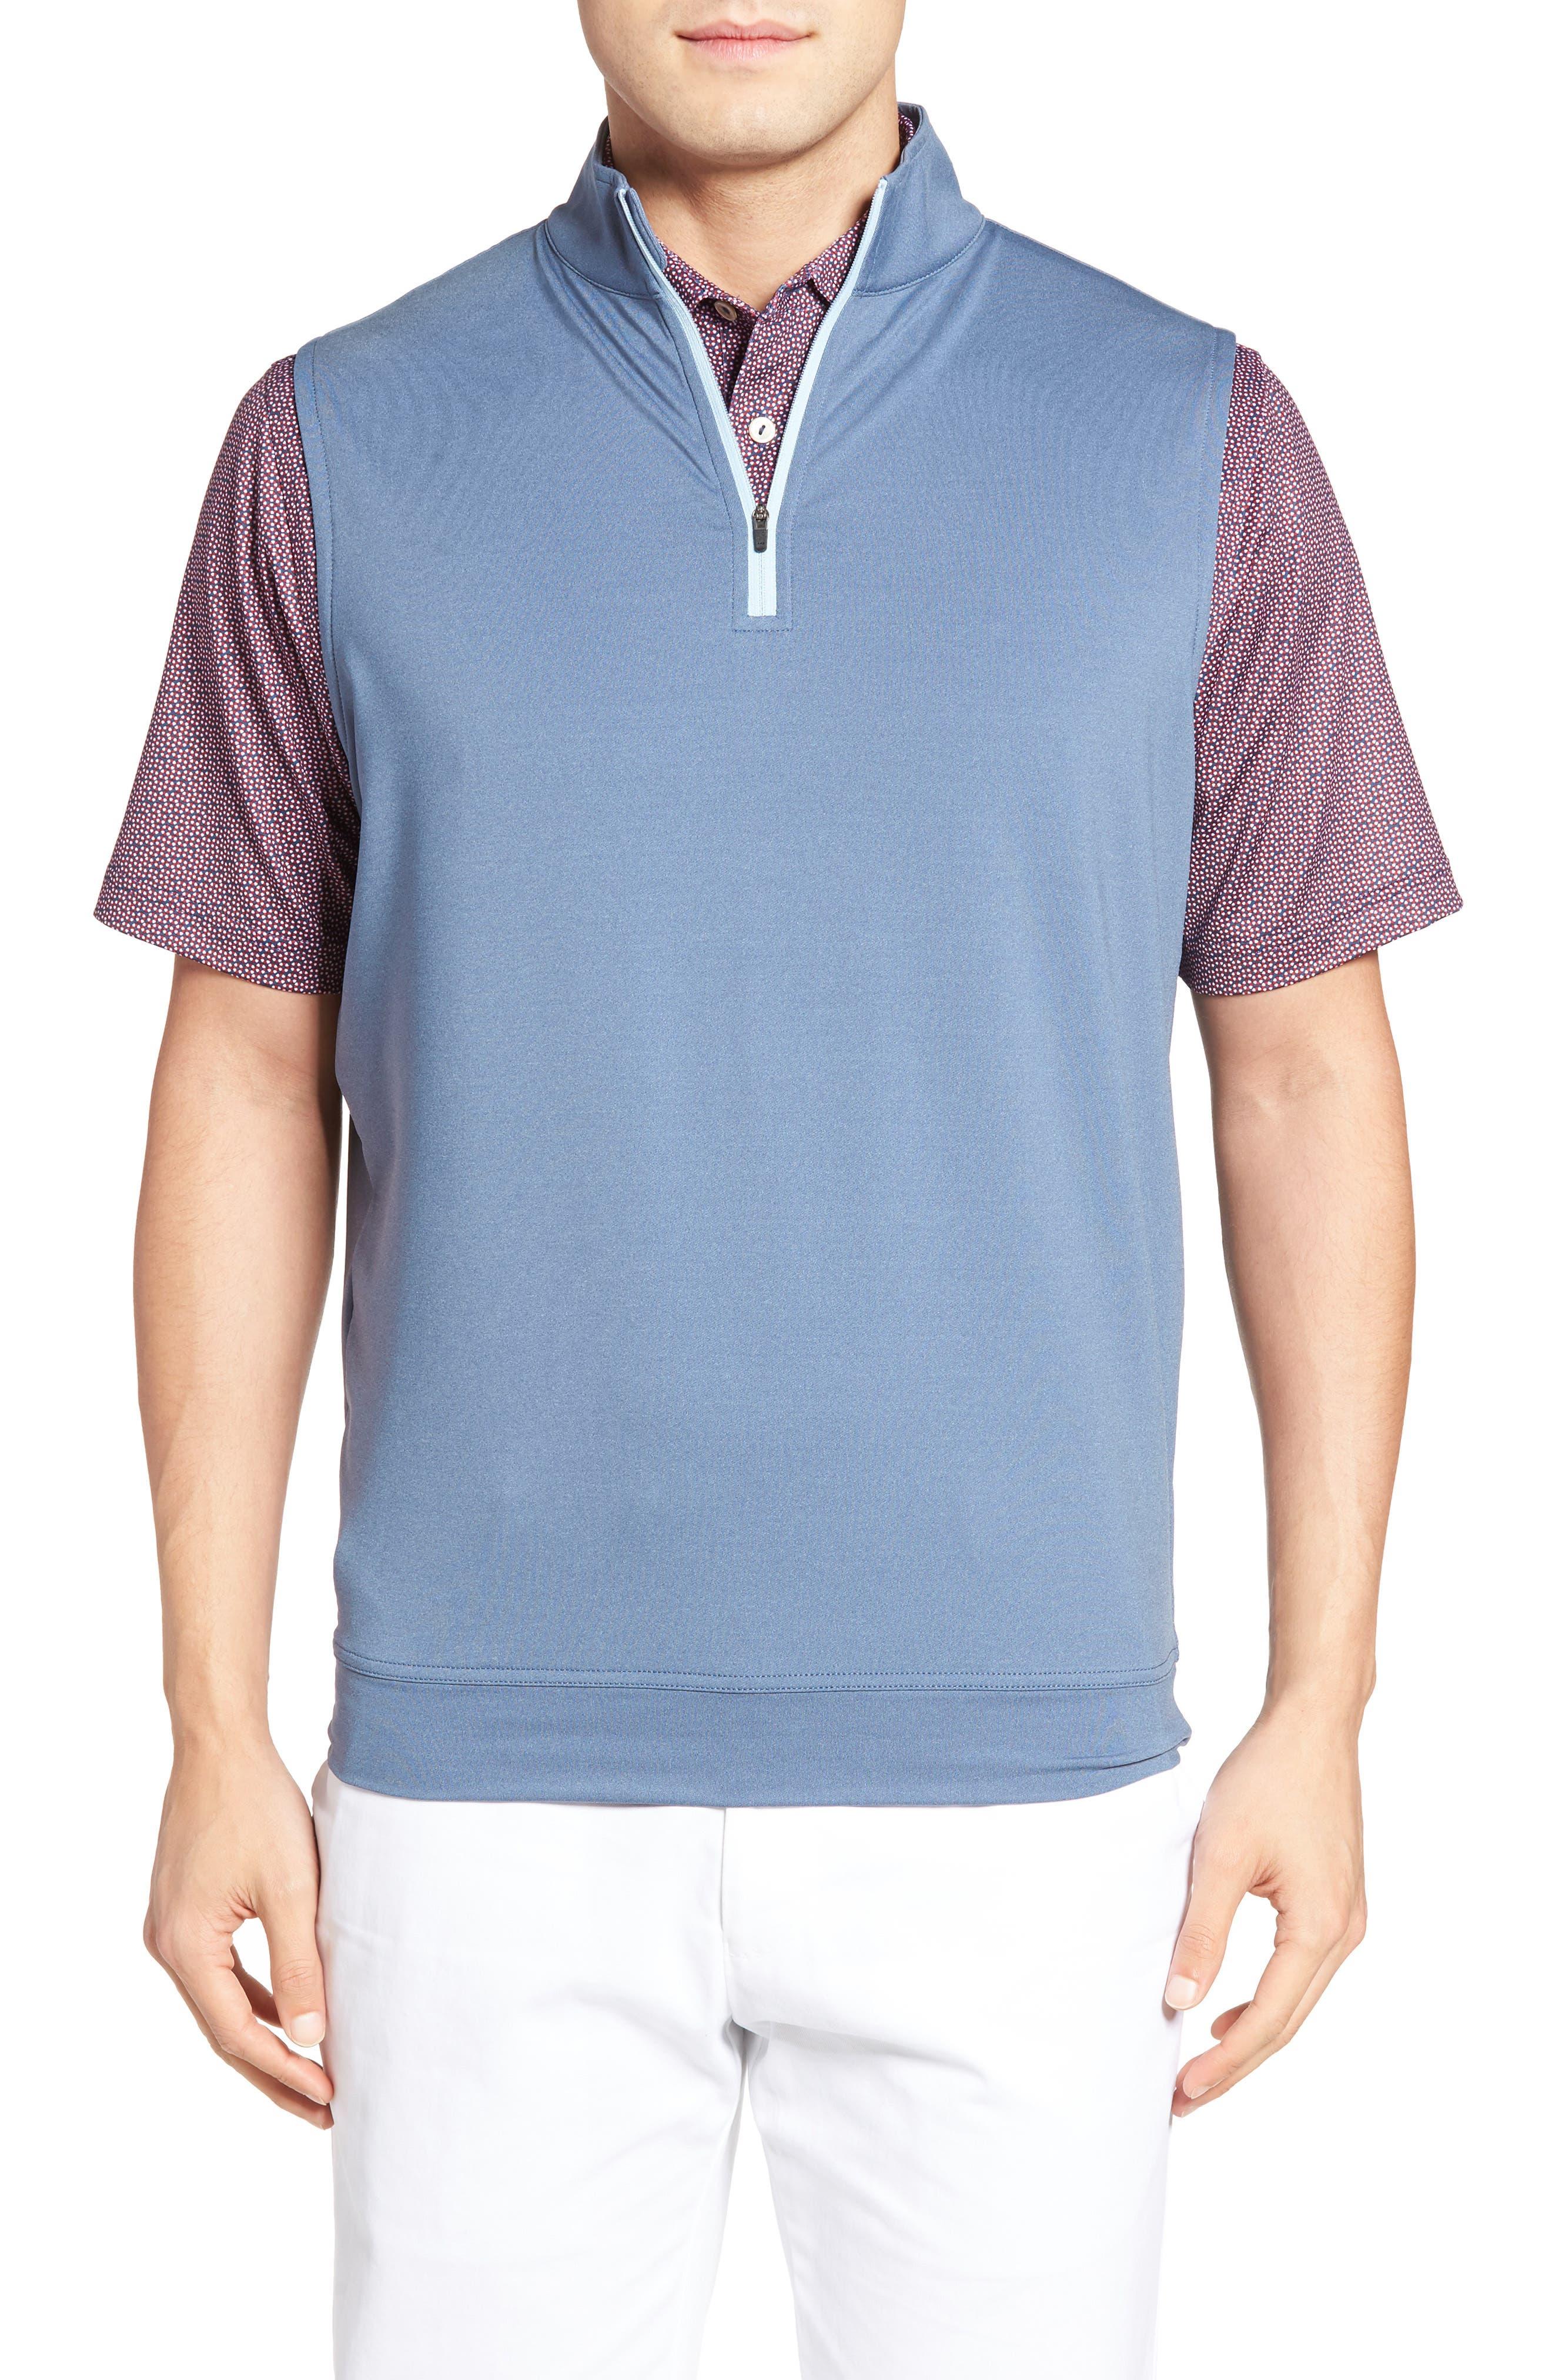 Galway Quarter Zip Vest, Main, color, 402